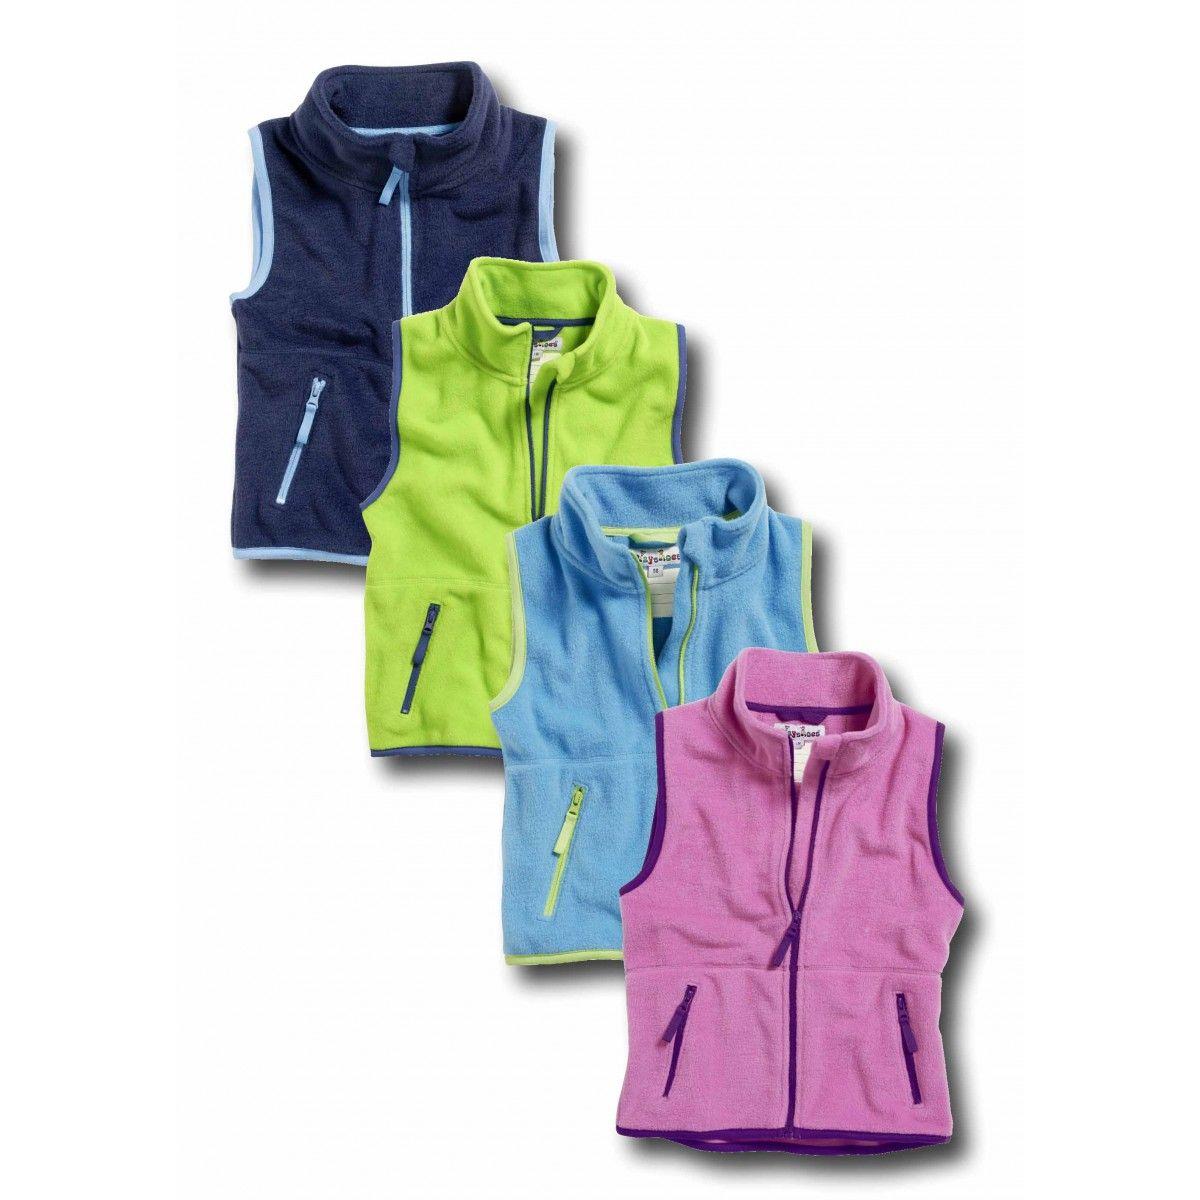 Playshoes Kinder-Fleece-Weste farbig abgesetzt in vier Farben Gr. 80 – 140